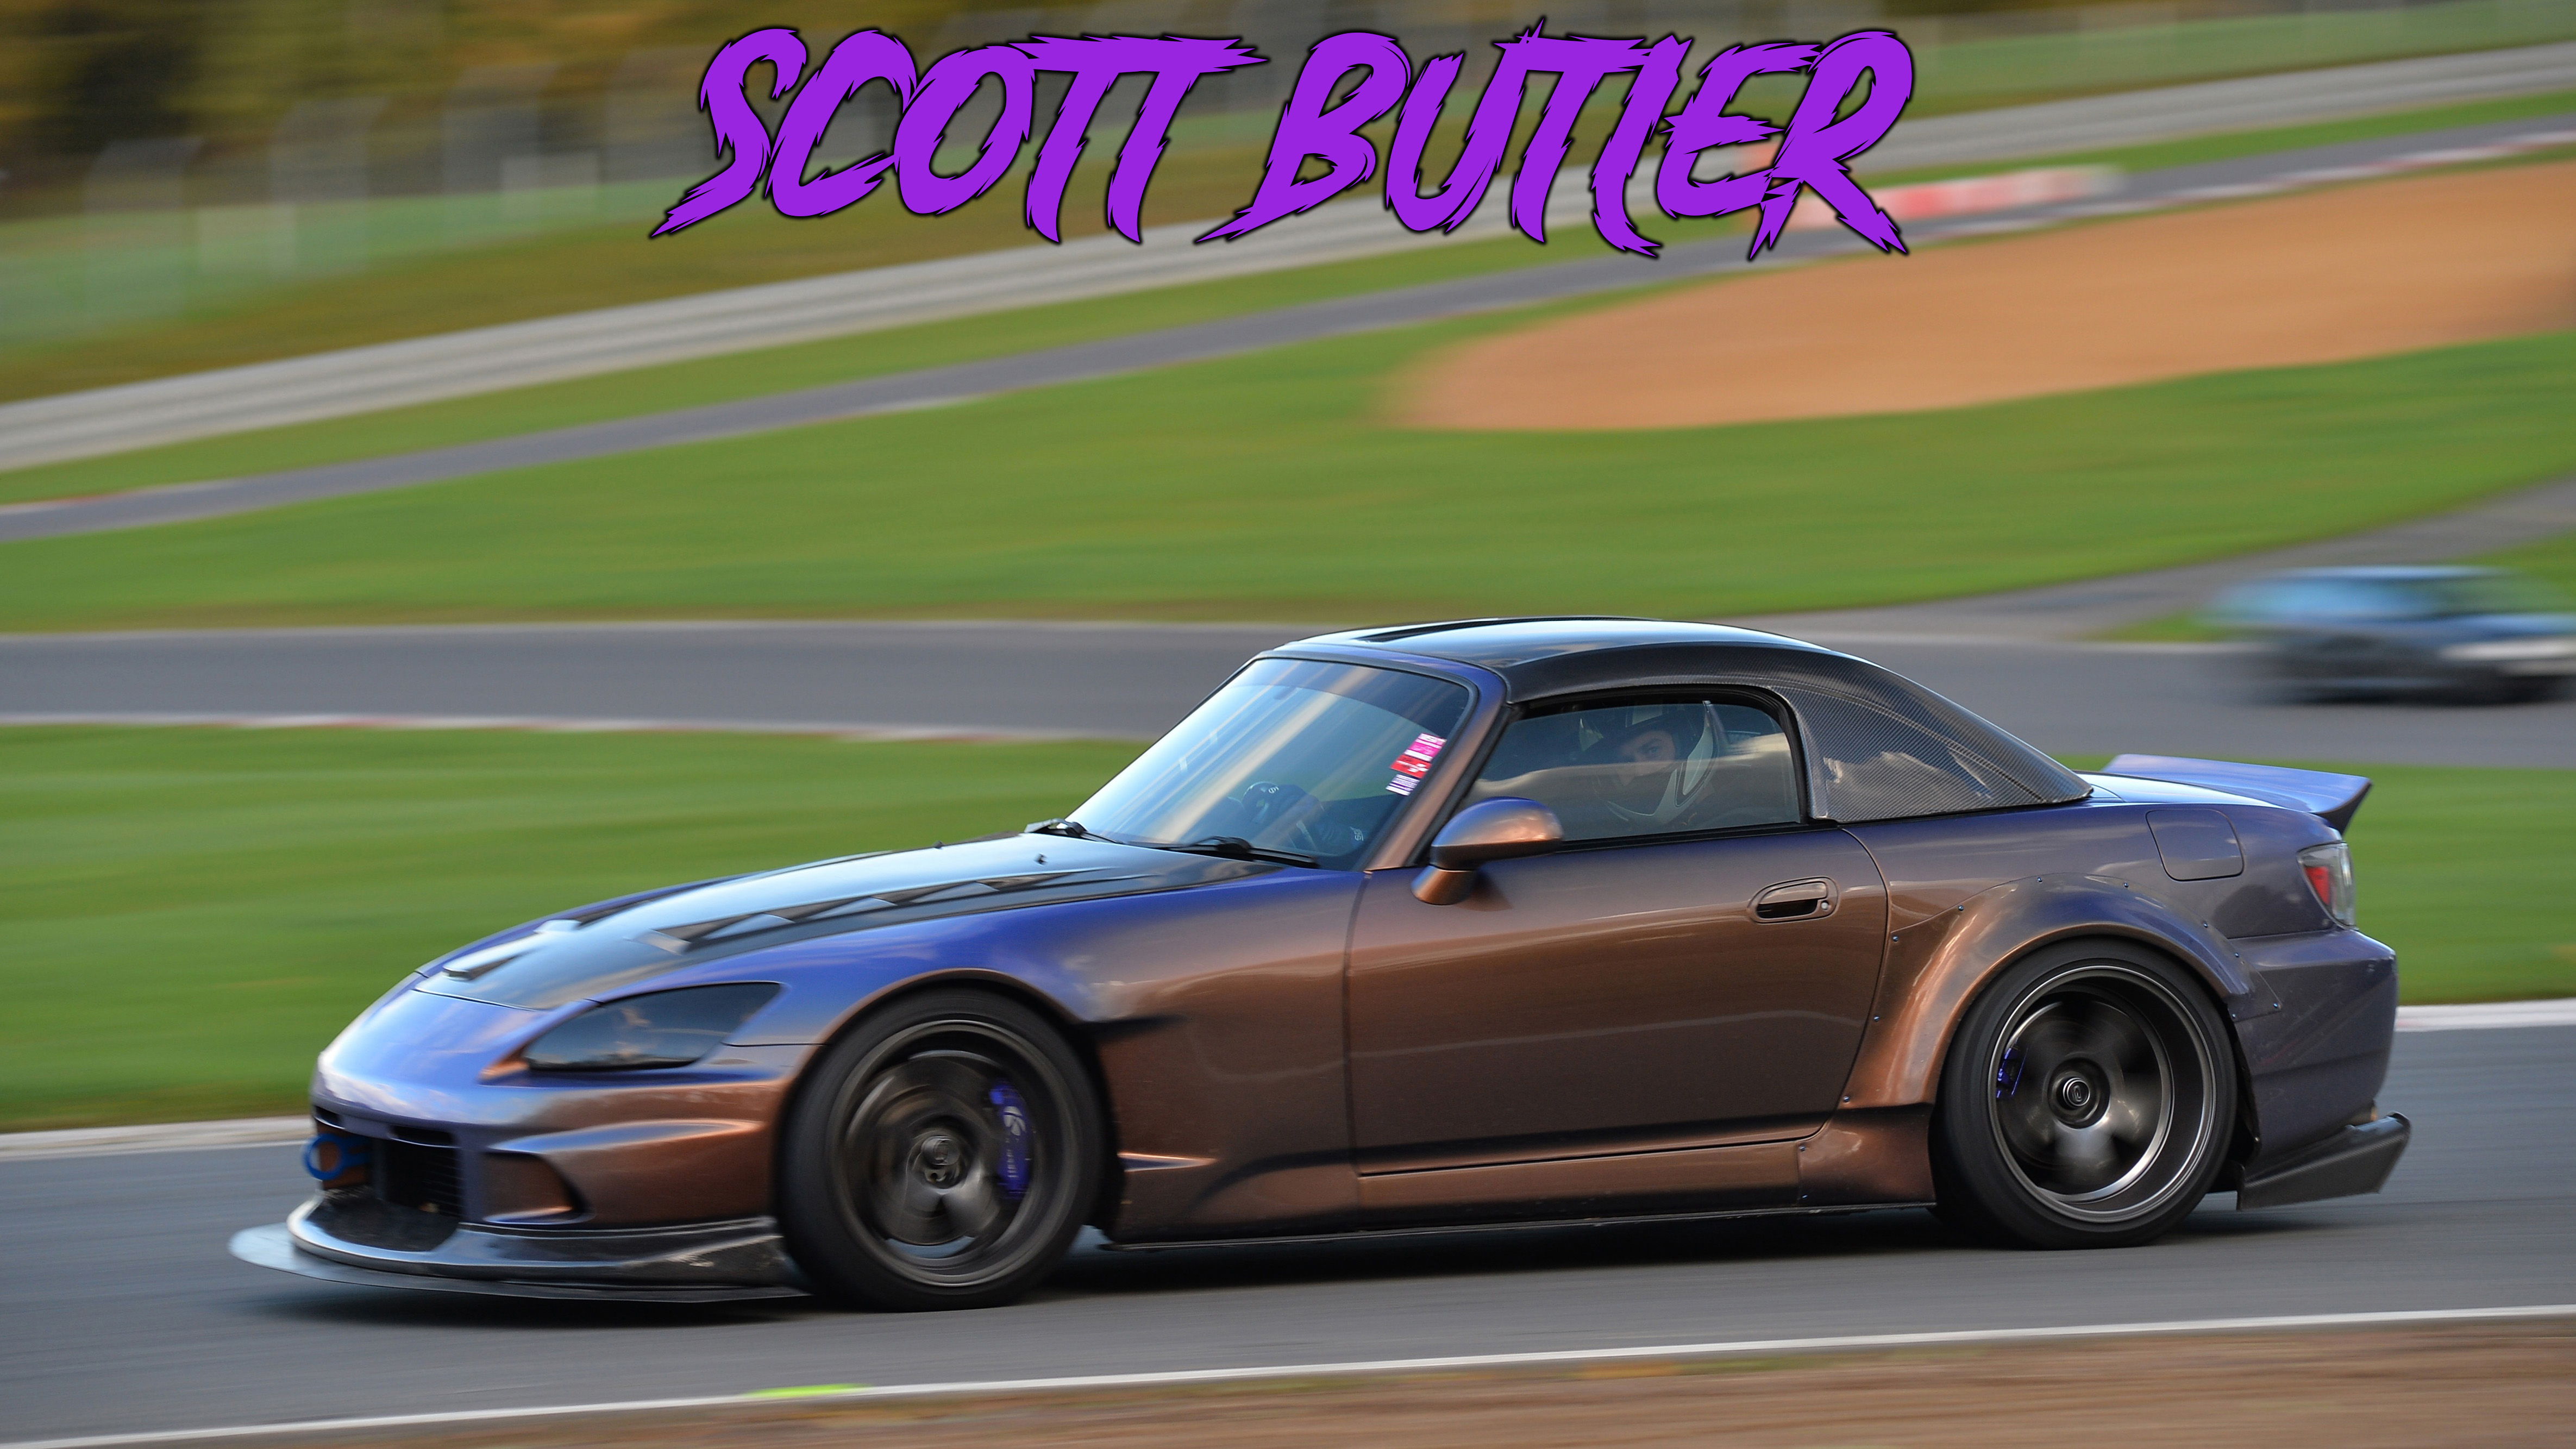 scott butler honda s2000